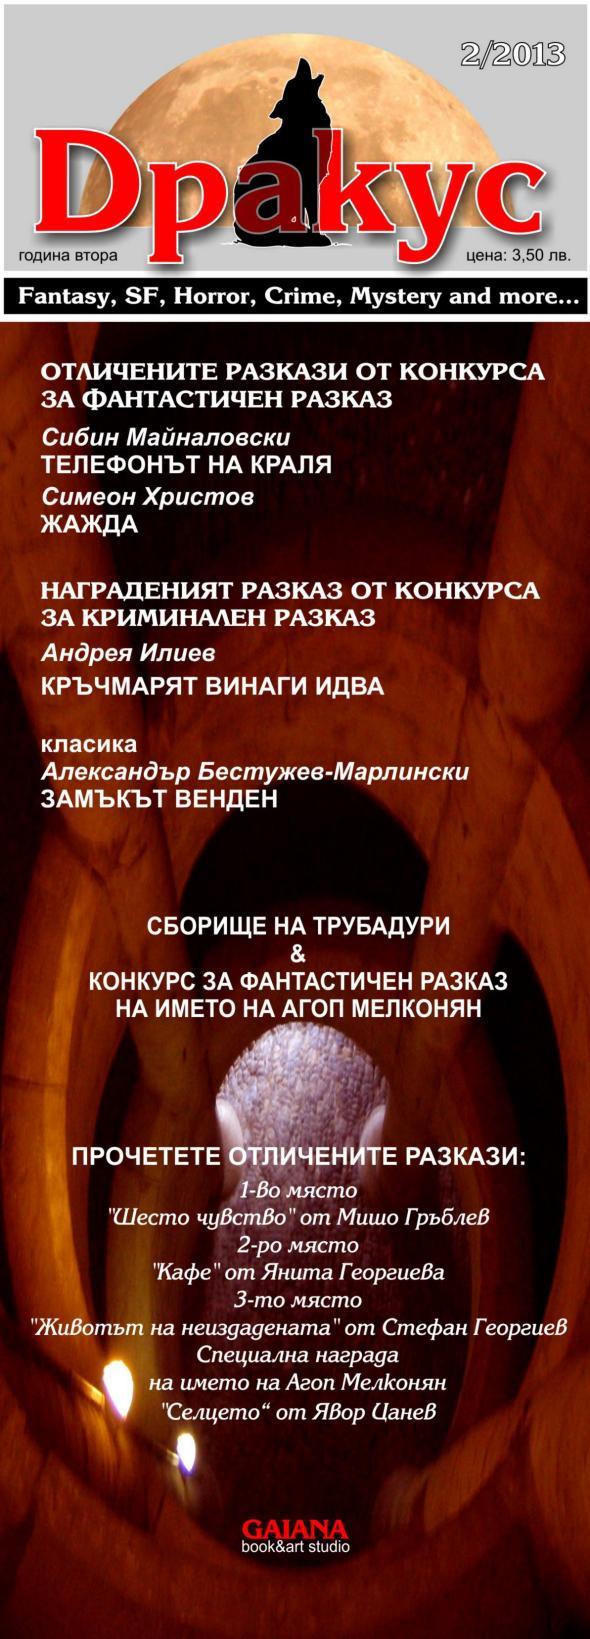 Корица на сп. Дракус (2/2013)